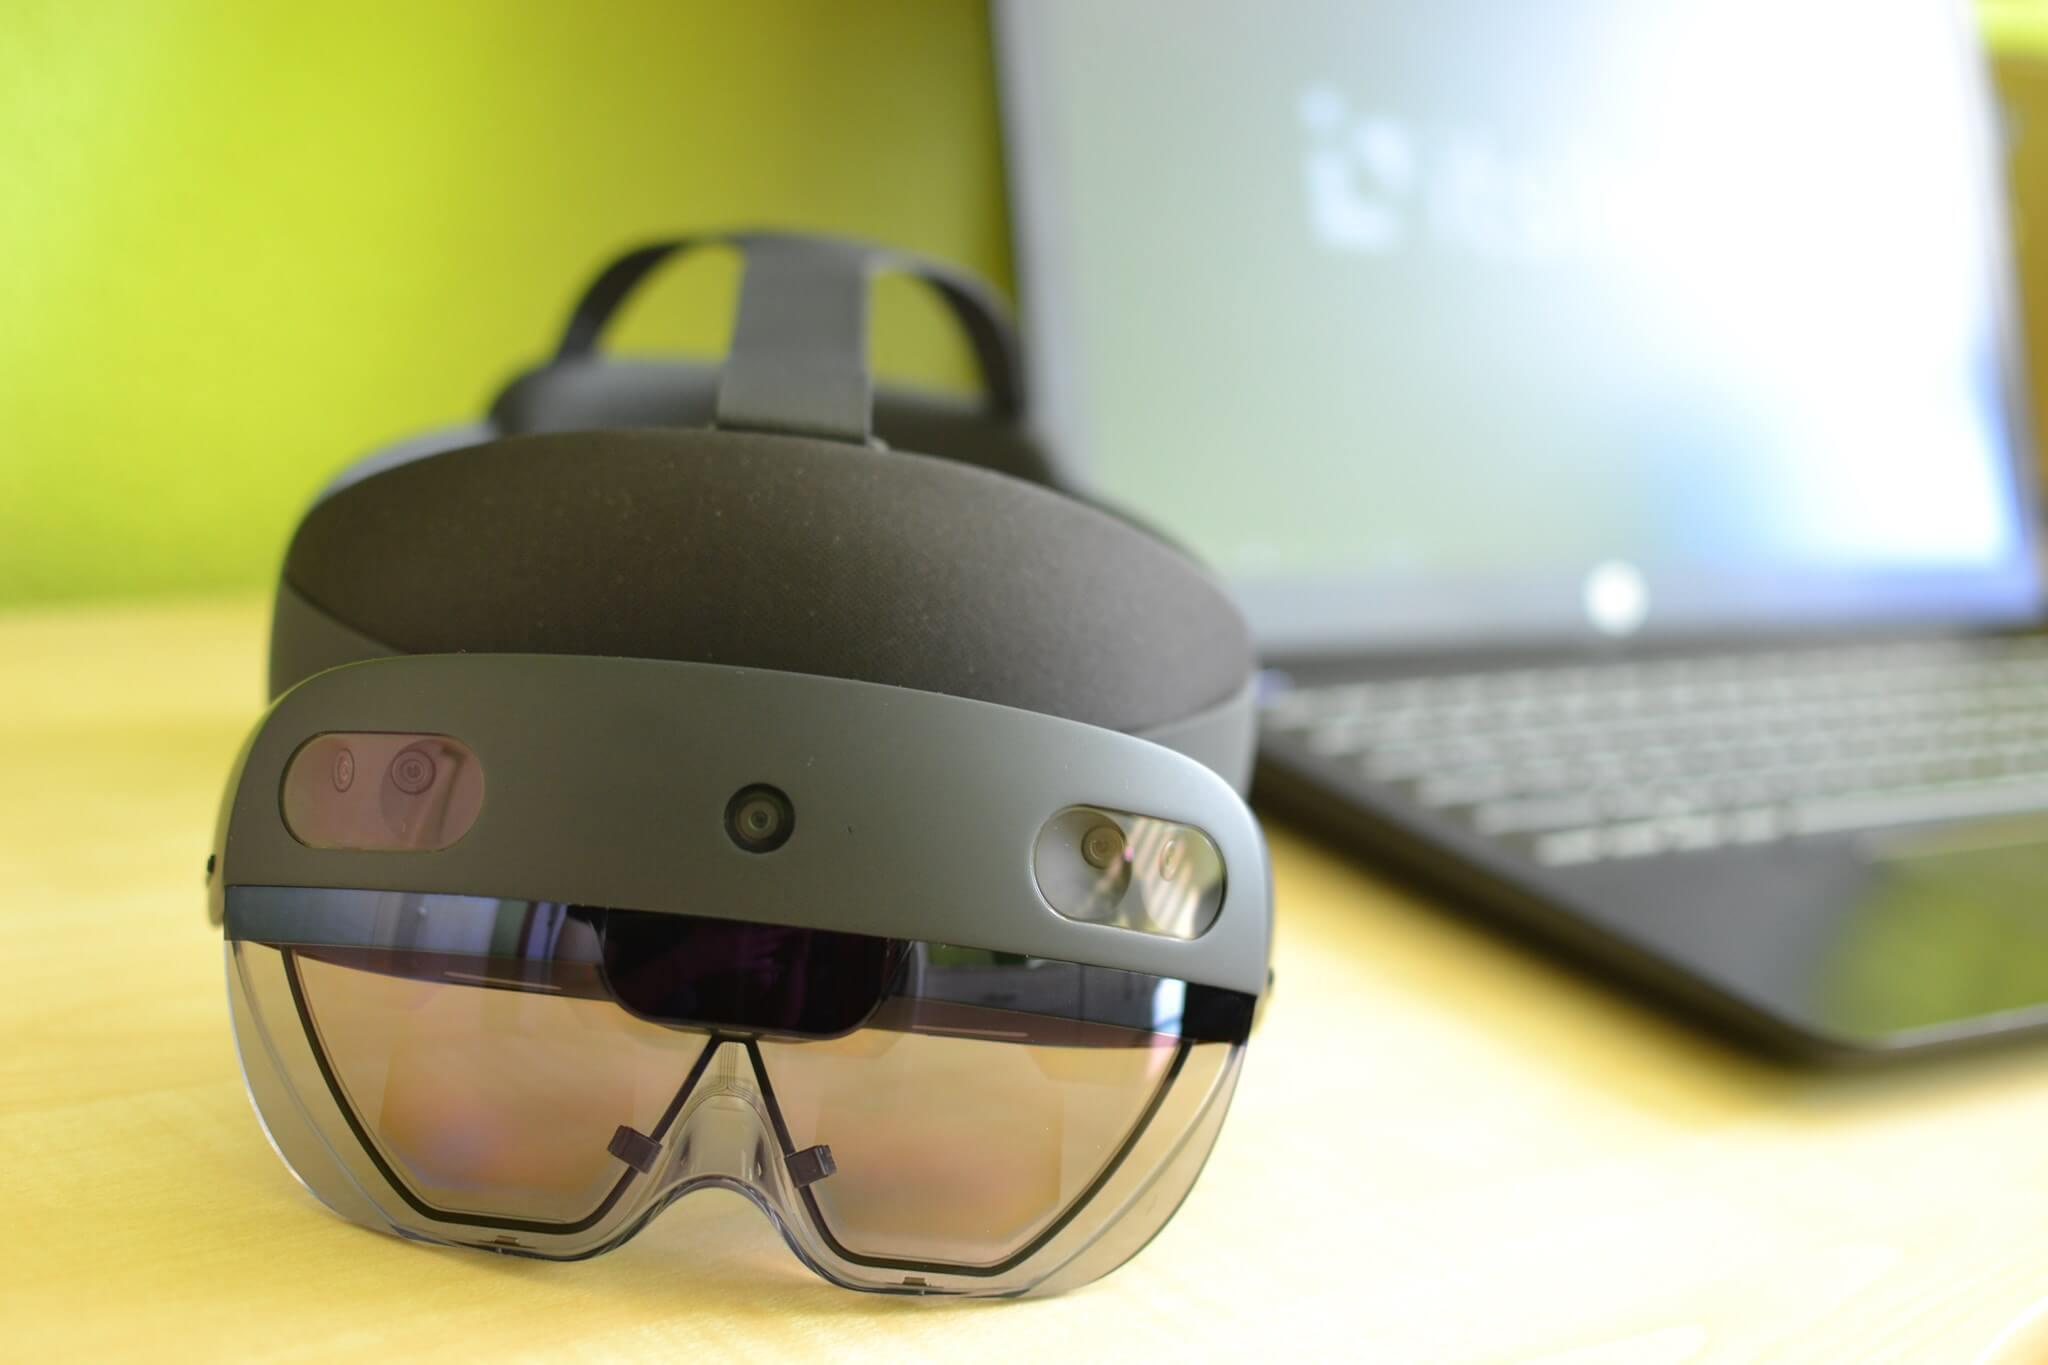 Czym różni się rozszerzona rzeczywistość od rzeczywistości wirtualnej?